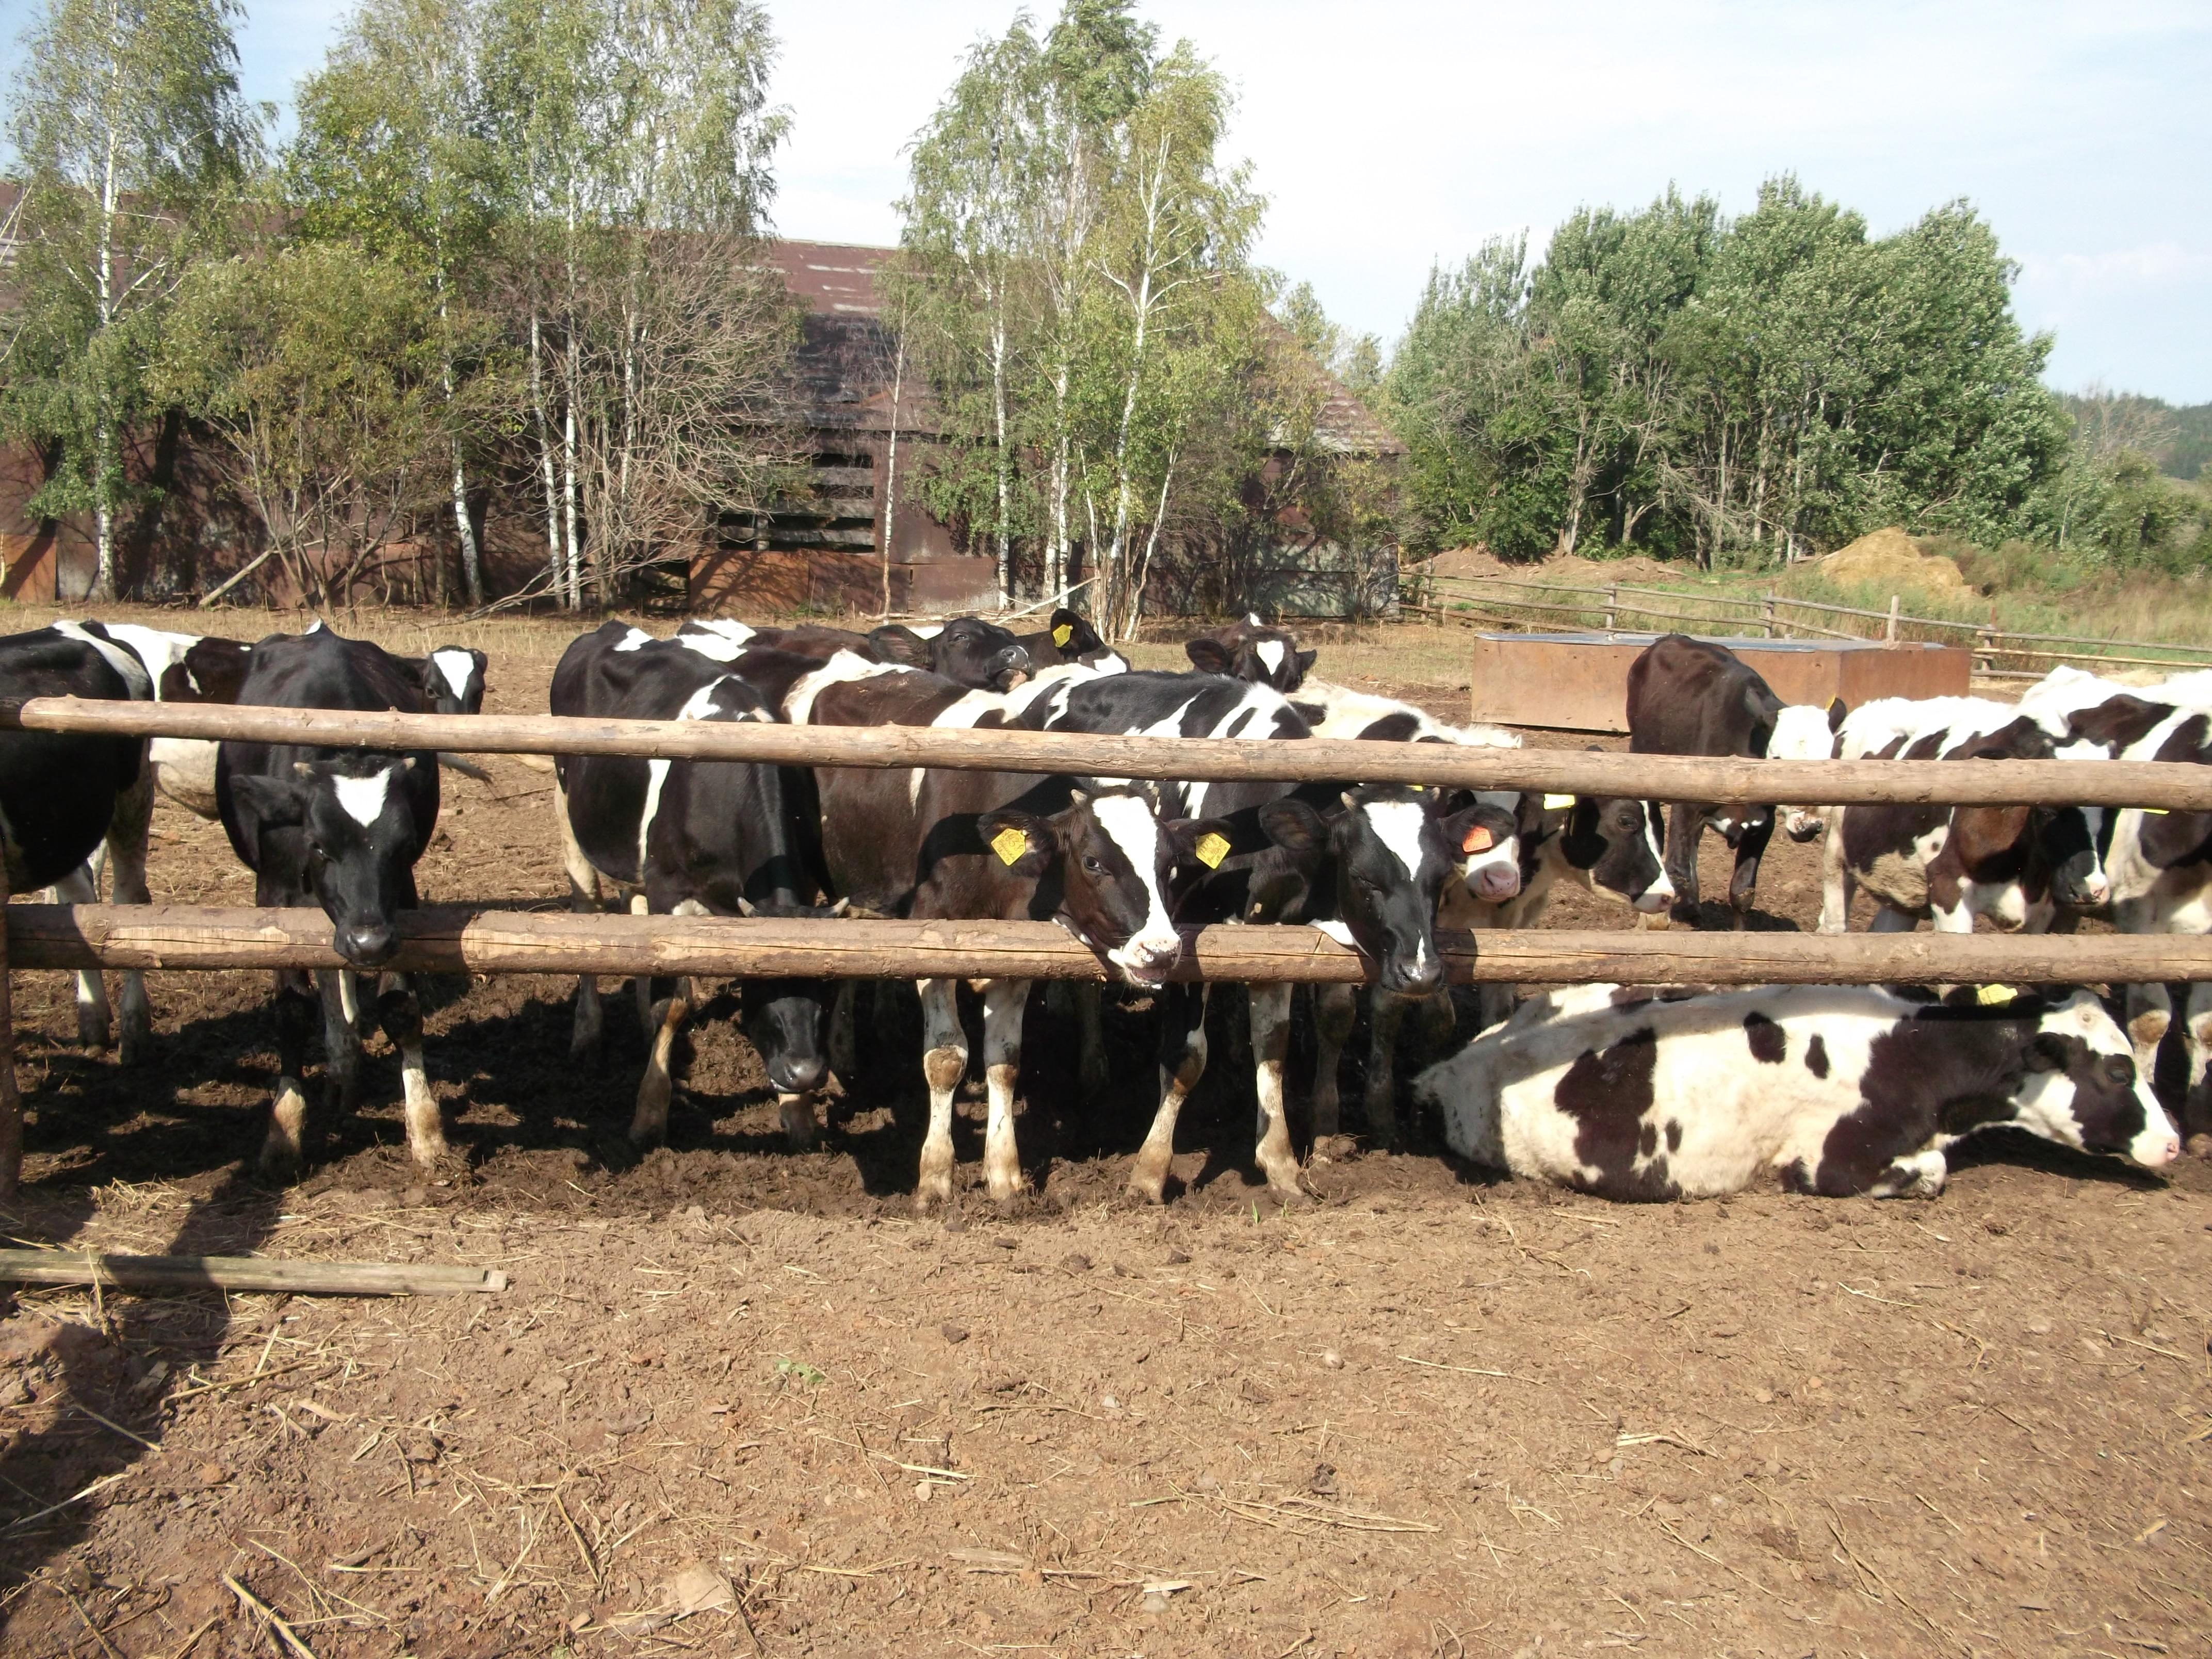 Организации по племенному животноводству предлагают молодняк крупного рогатого скота молочного и мясного направлений продуктивности